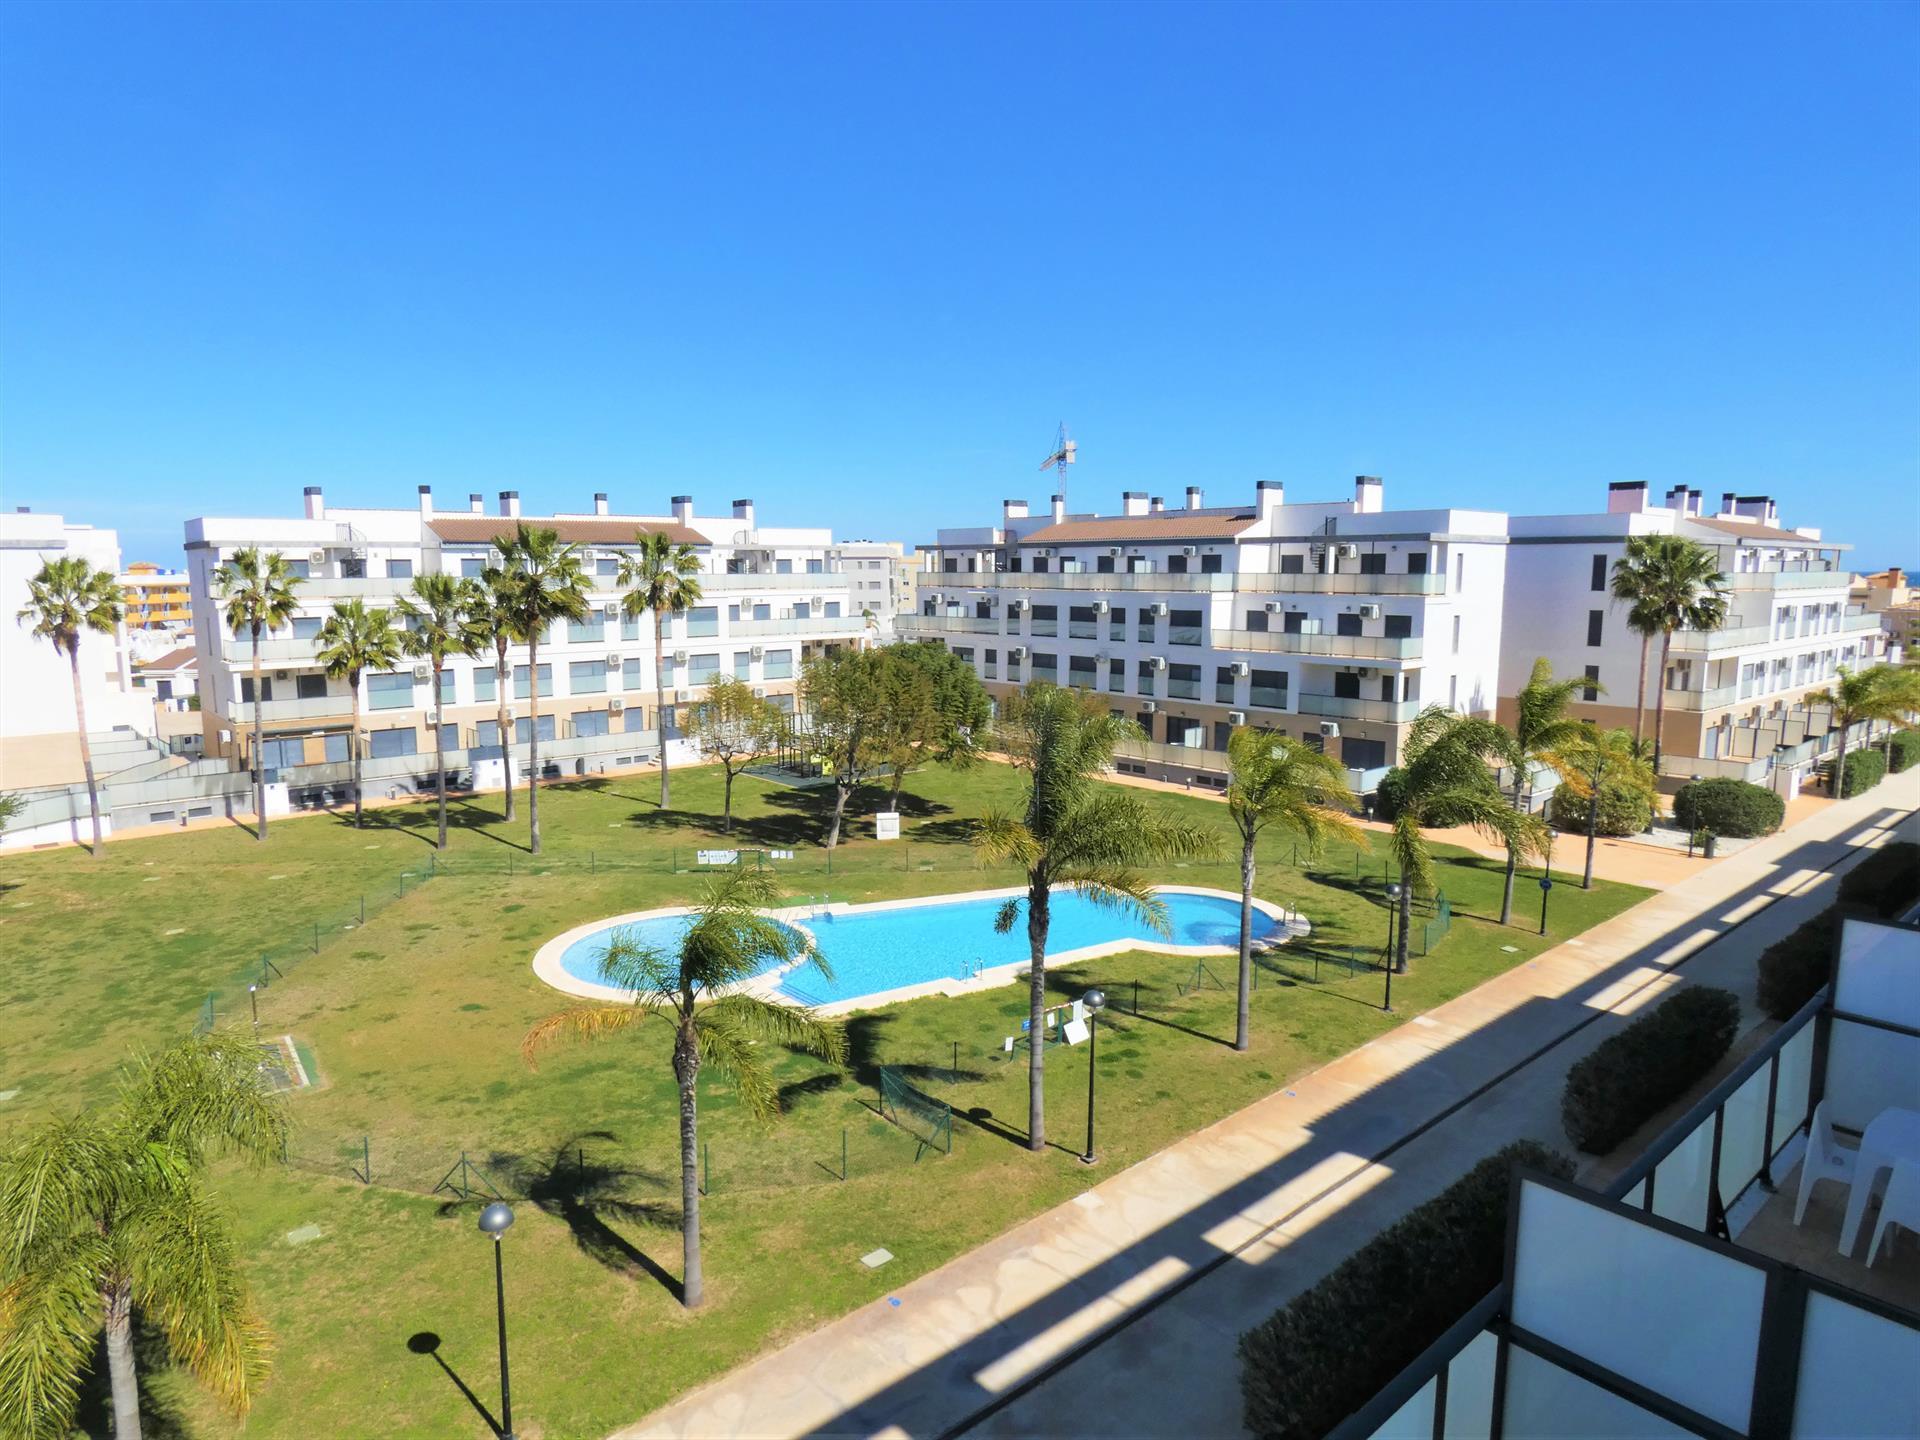 Dunas MET Oliva Nova AP183,Wunderschöne und komfortable Ferienwohnung in Oliva, an der Costa Blanca, Spanien  mit Gemeinschaftspool für 4 Personen.....